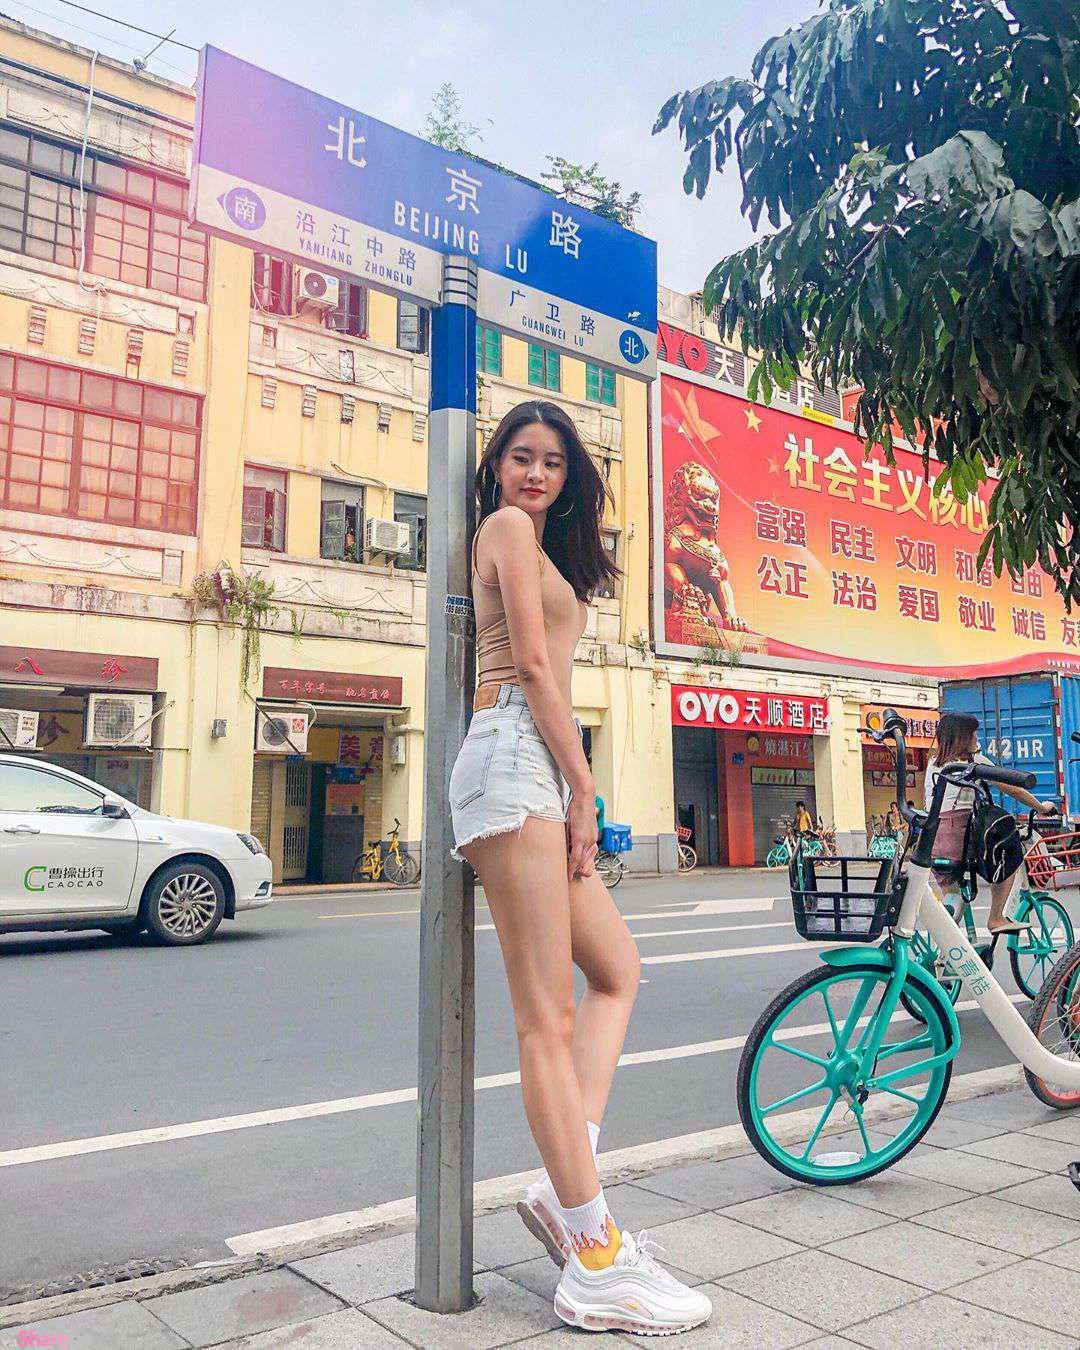 大马正妹叶玠颖,逆天长腿很迷人